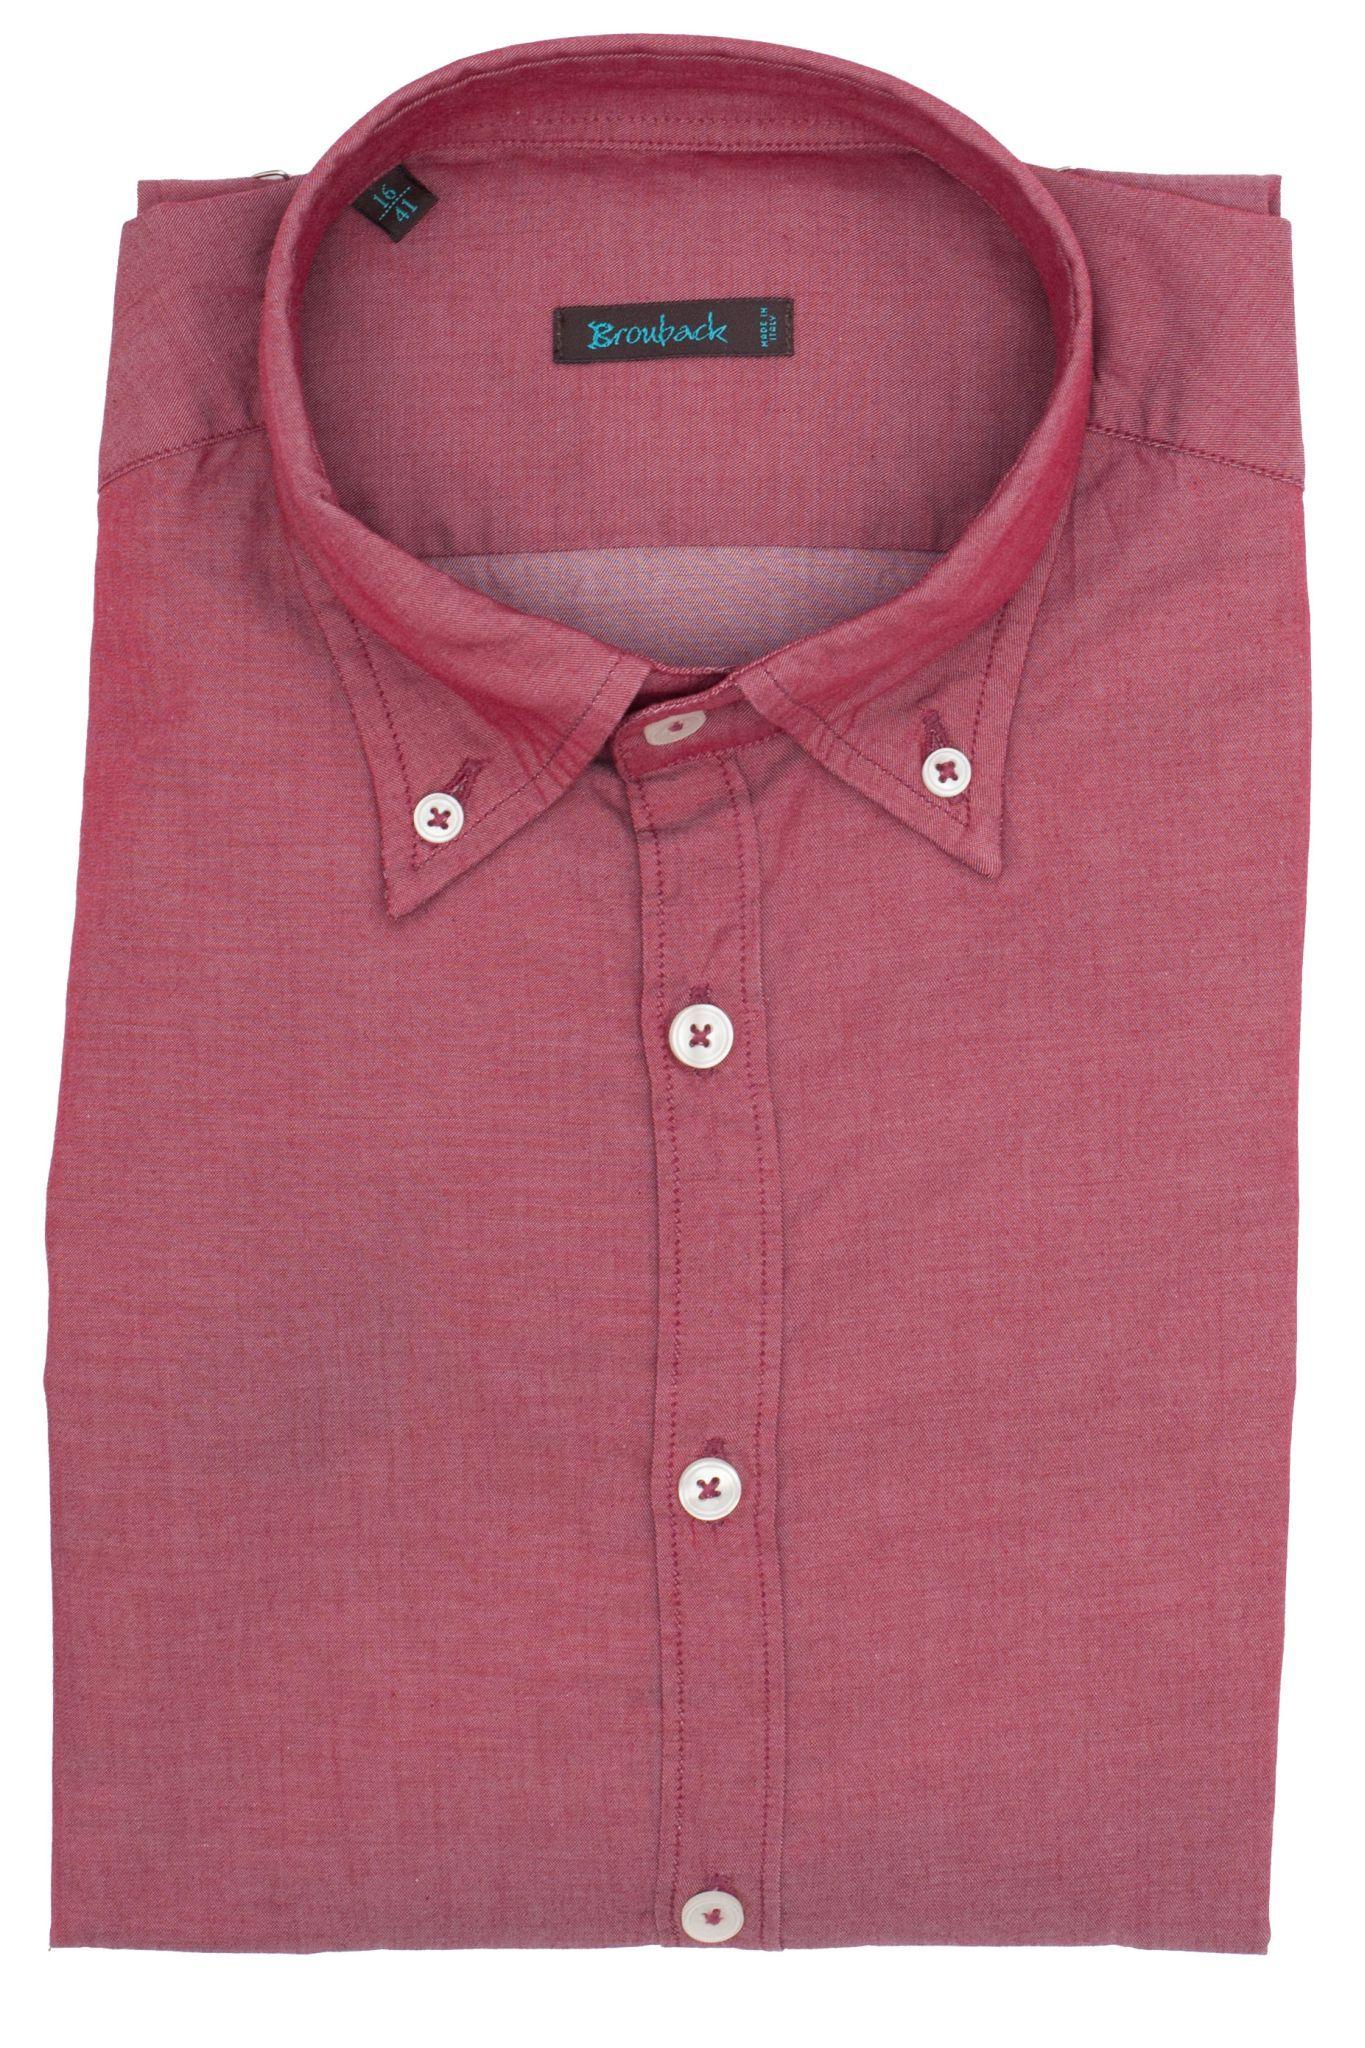 Светло-бордовая (или тёмно-розовая) рубашка с воротником на пуговицах